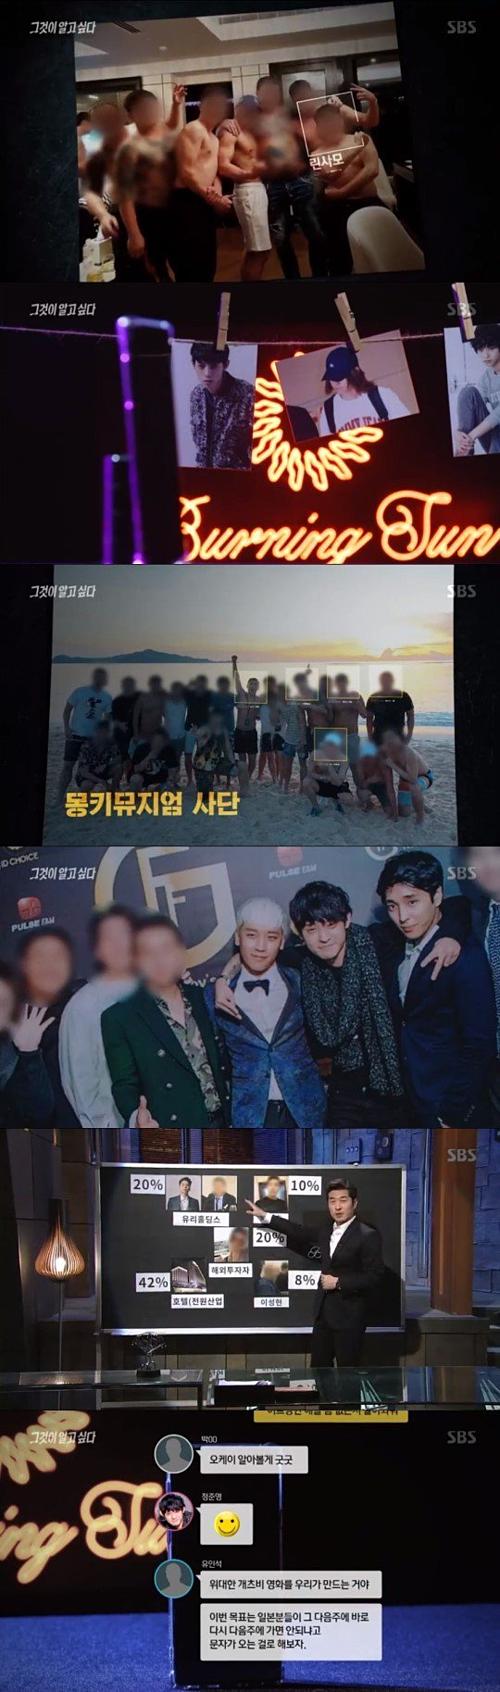 Bữa tiệc của Seung Ri được cho là để kết nối các thành viên chủ chốt của Burning Sun.